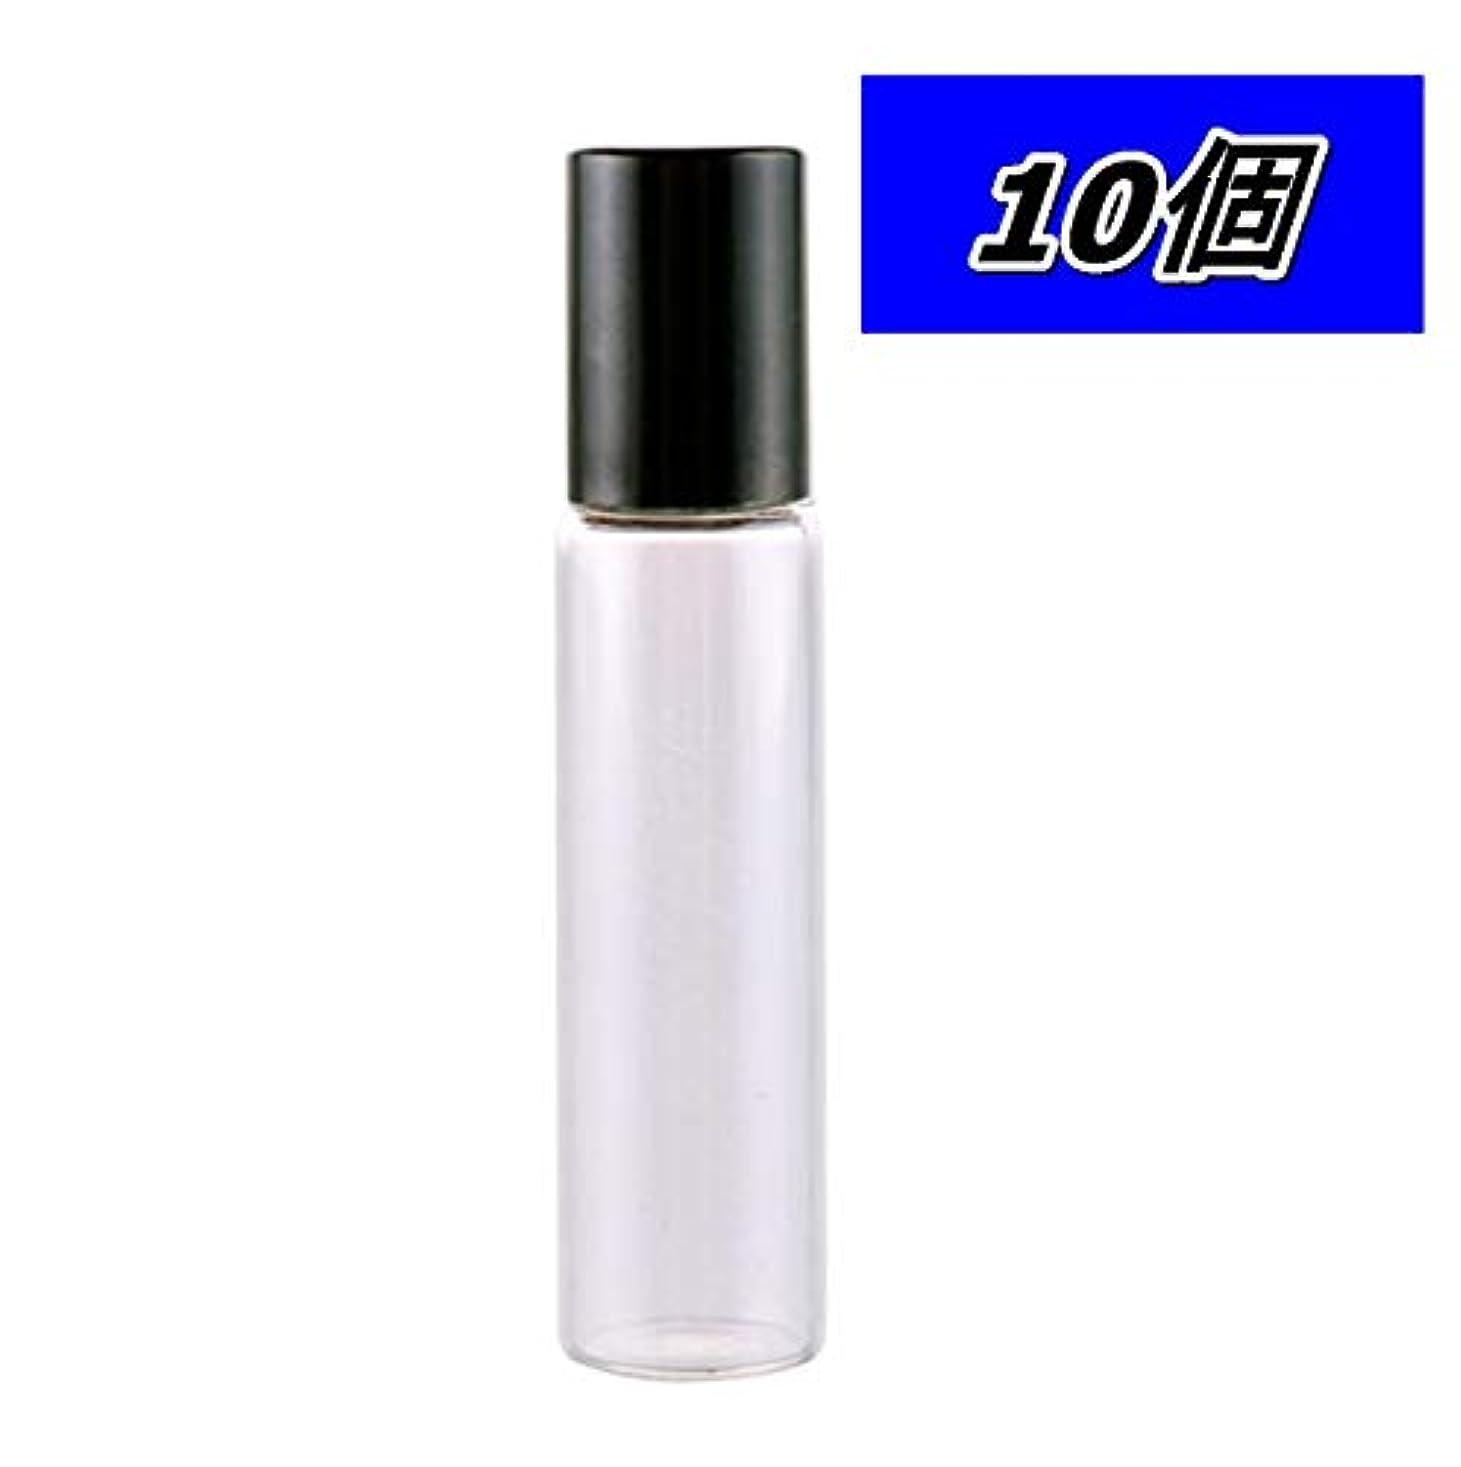 はいどこヒロイン[SP] ロールオンボトル 容器 アロマ ボトル ガラス 瓶 透明 クリア 香水 小分け 持ち運び 10ml 10本 セット